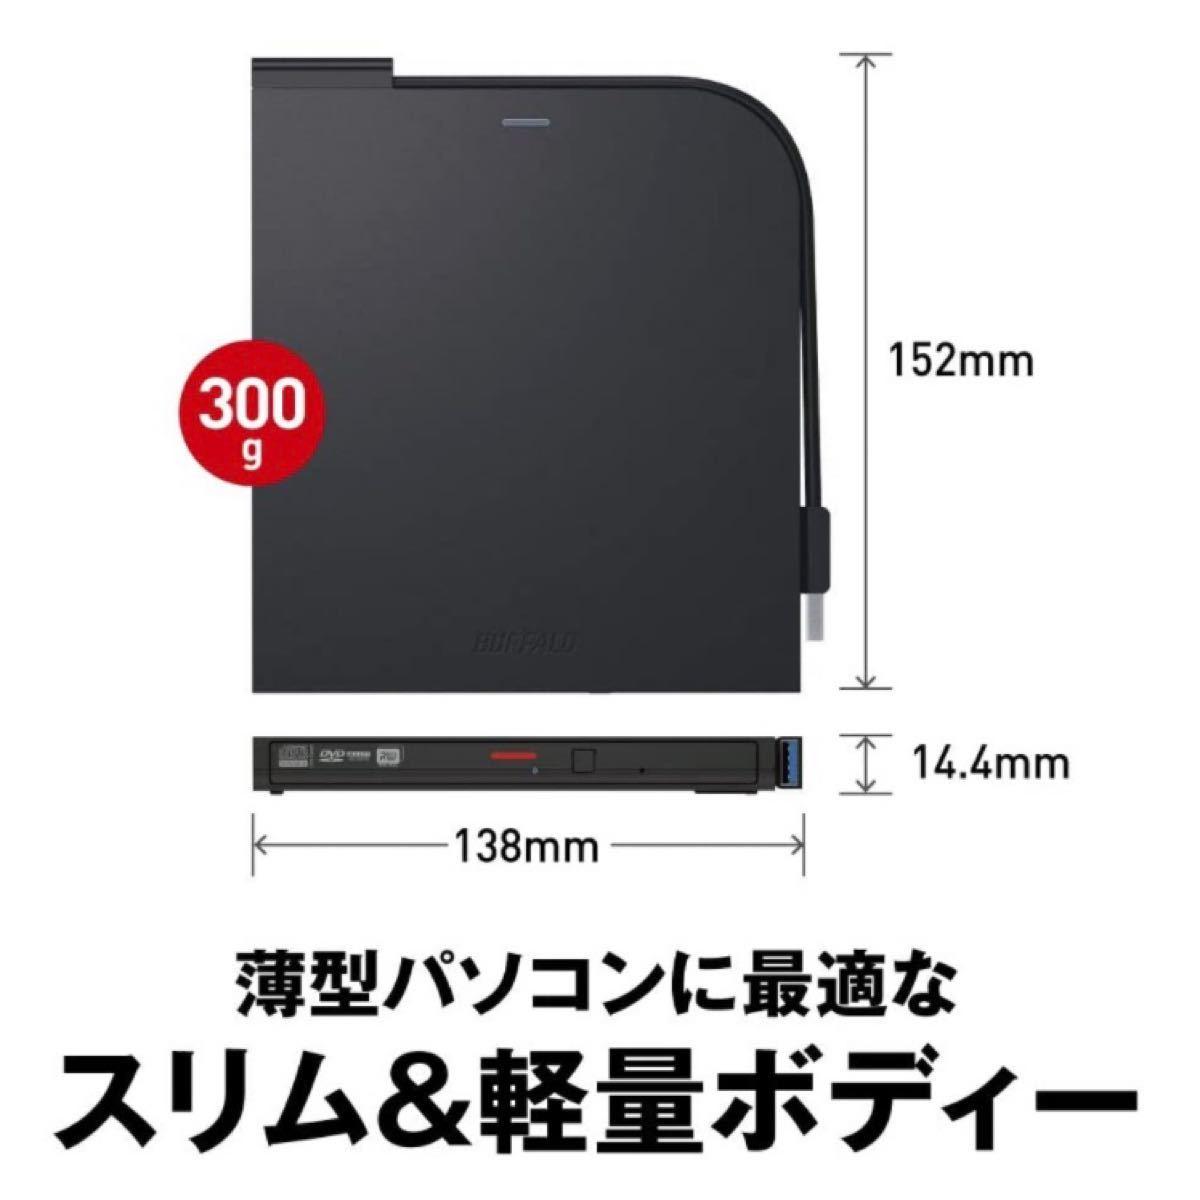 新品BUFFALO バッファロー USB3.1(Gen1)/3.0 外付けCD DVD ドライブ ブラック バスパワー Wケーブル